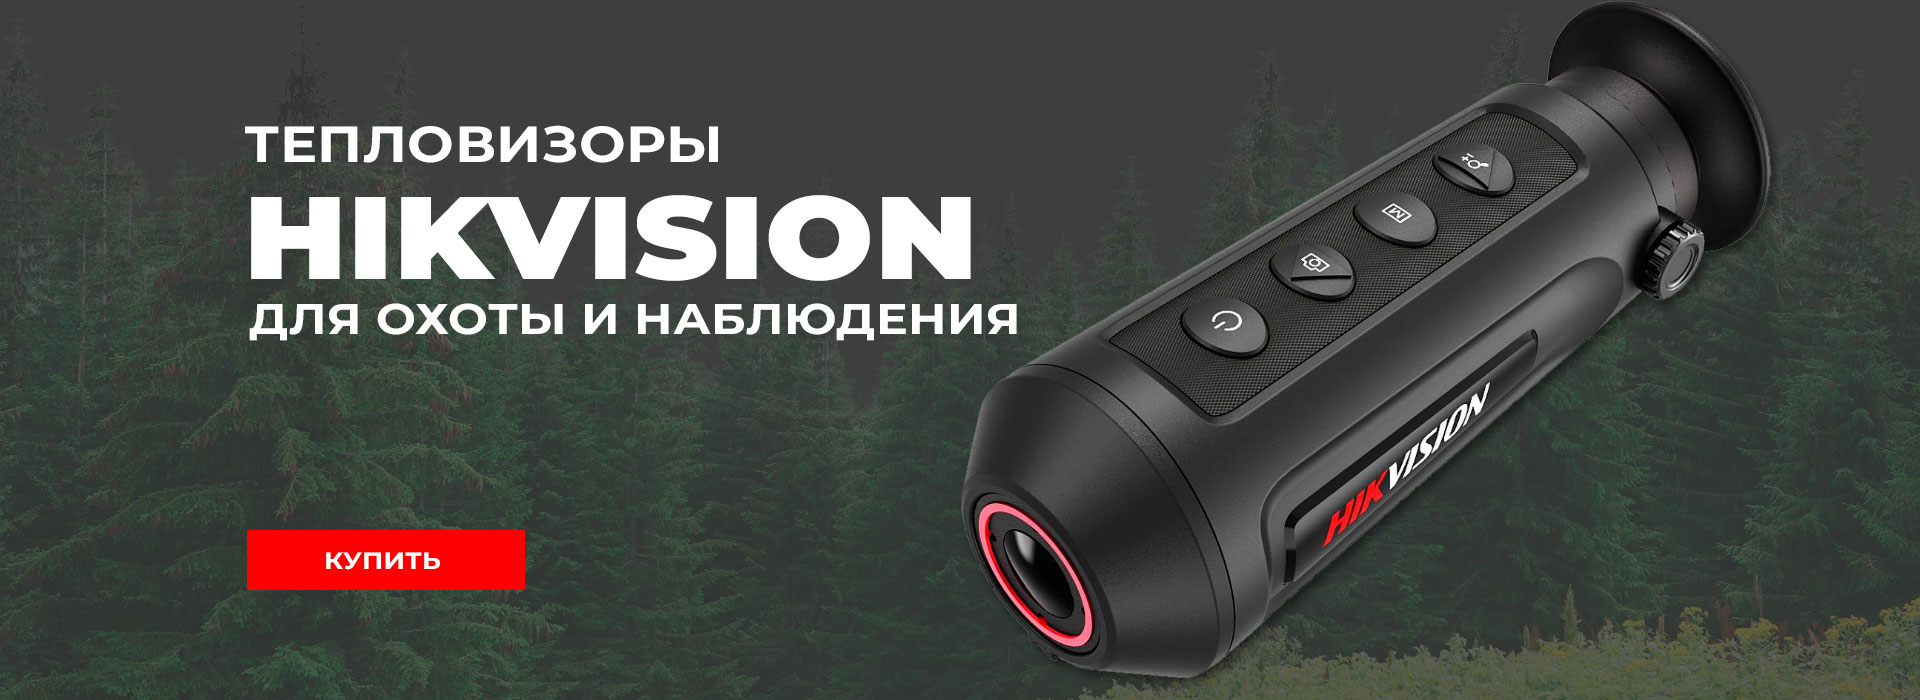 Тепловизоры для охоты HikVision купить